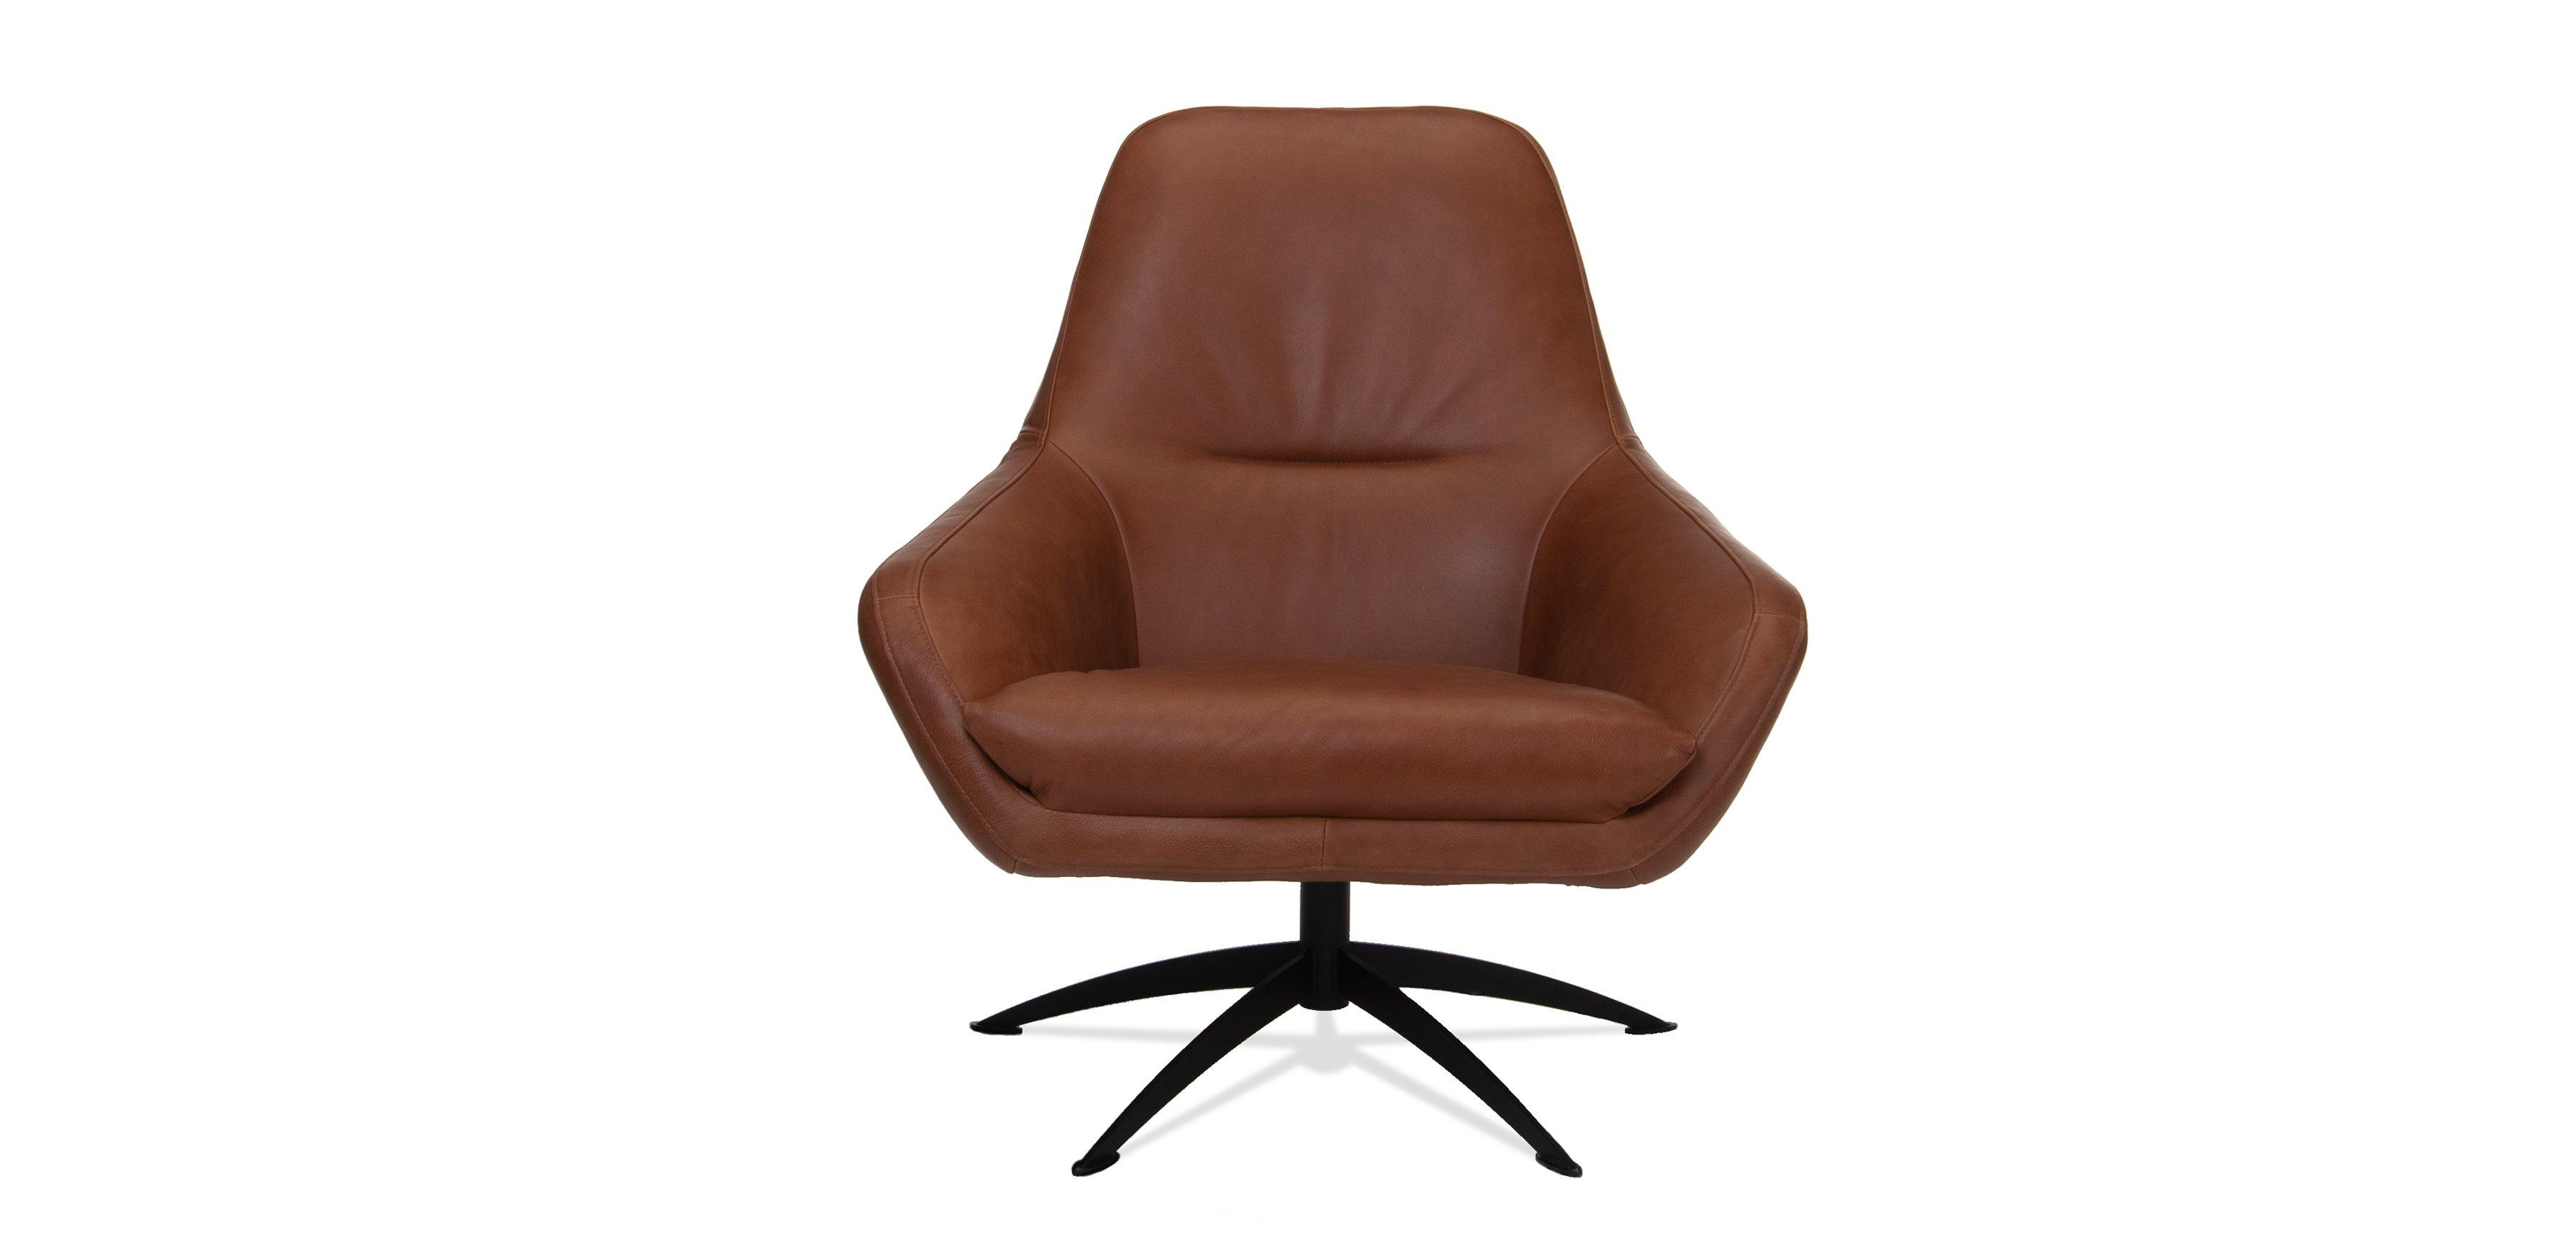 Specter fauteuil DYYK 2